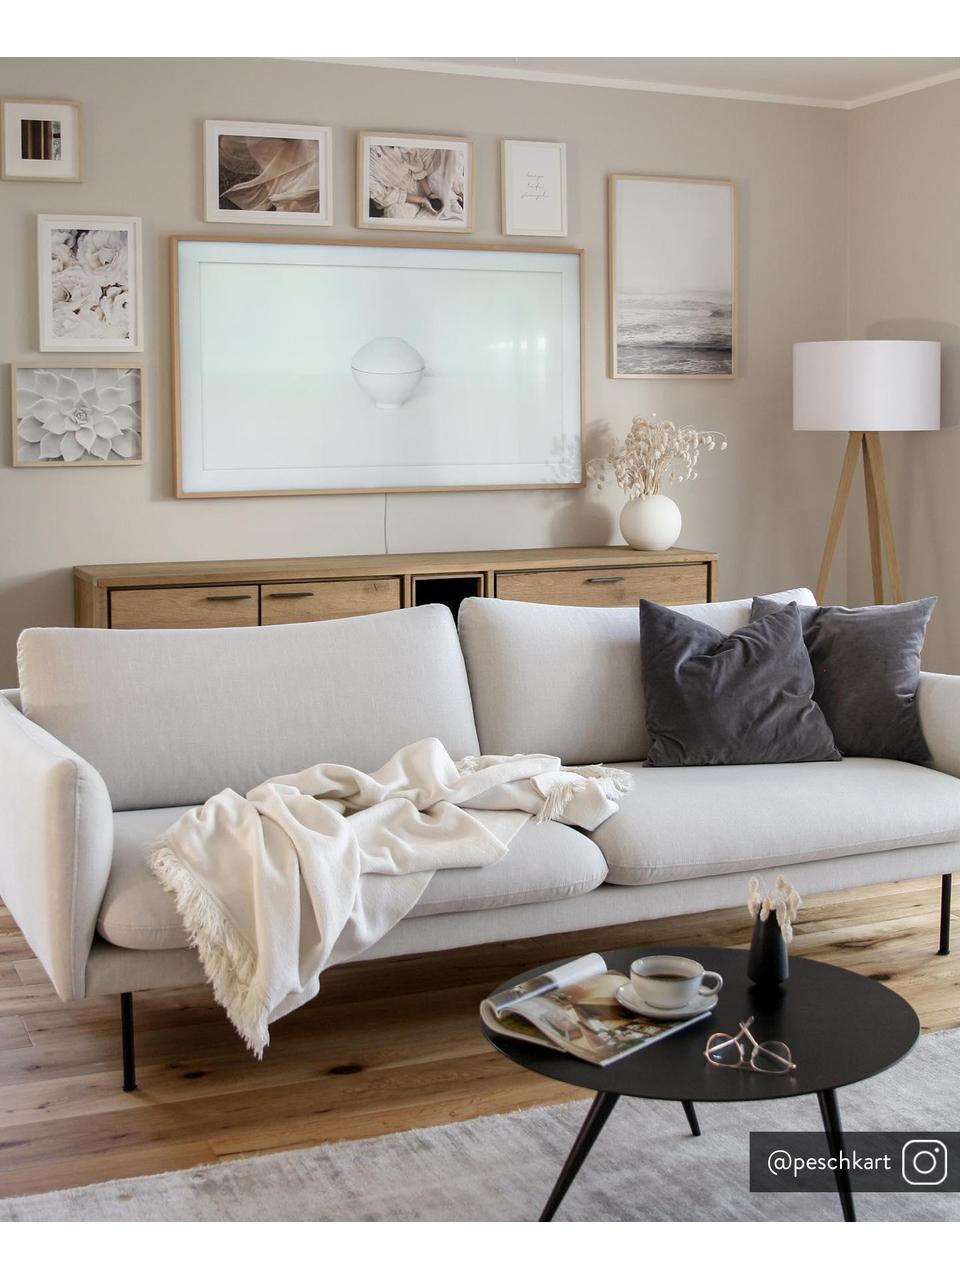 Sofa Moby (3-Sitzer) in Beige mit Metall-Füssen, Bezug: Polyester Der hochwertige, Gestell: Massives Kiefernholz, Webstoff Beige, B 220 x T 95 cm